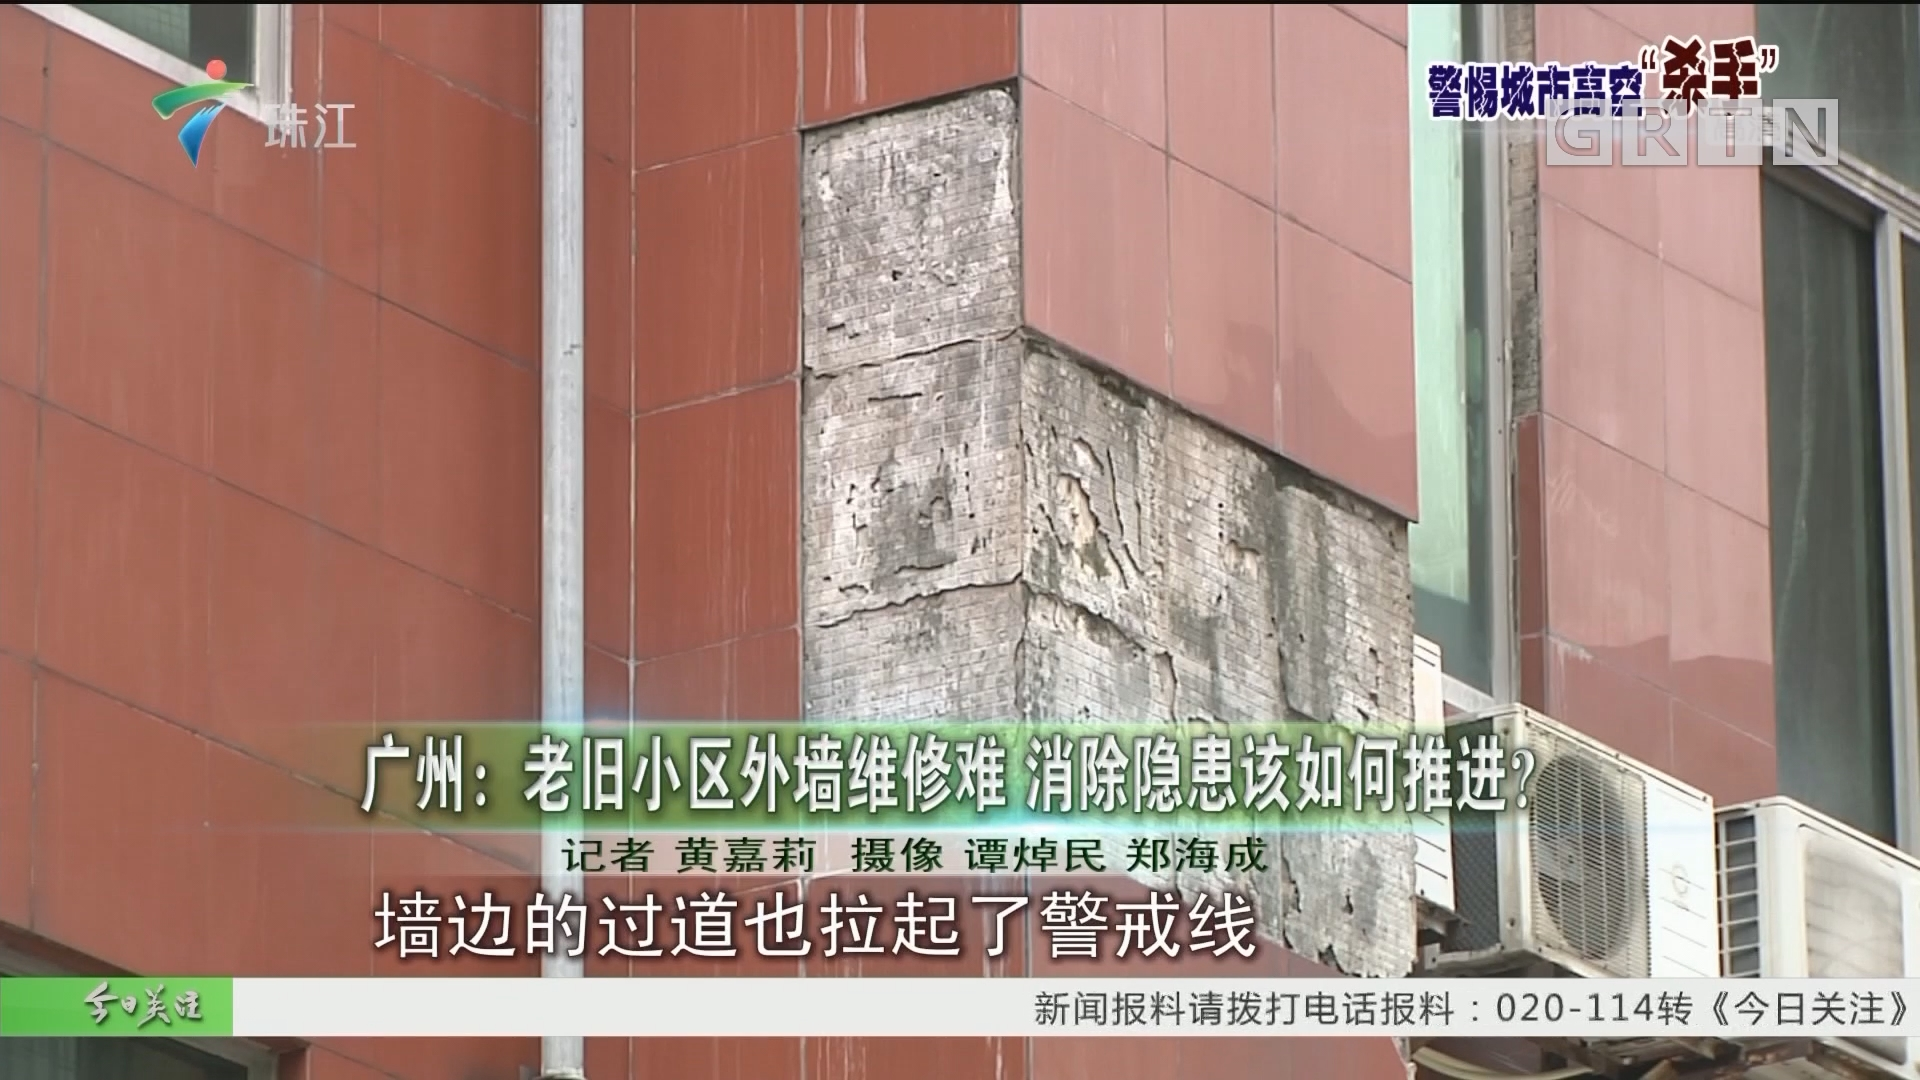 广州:老旧小区外墙维修难 消除隐患该如何推进?